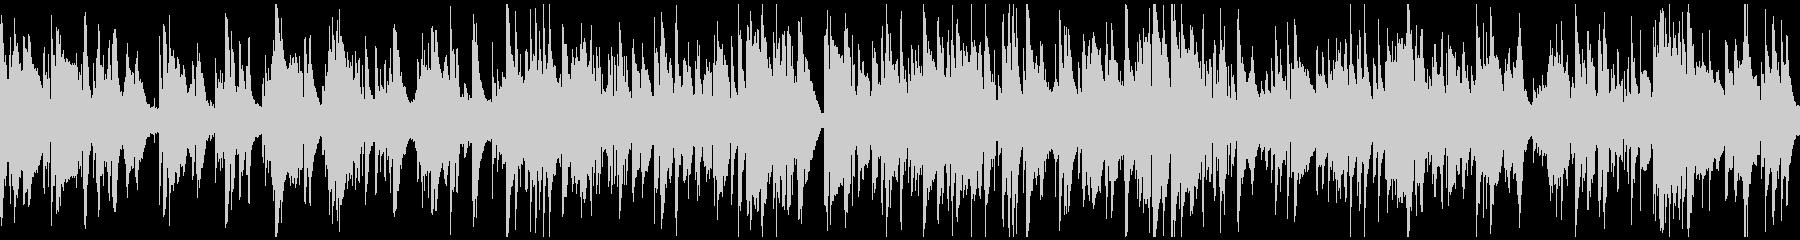 テクニカルな夜の達人系バラード※ループ版の未再生の波形